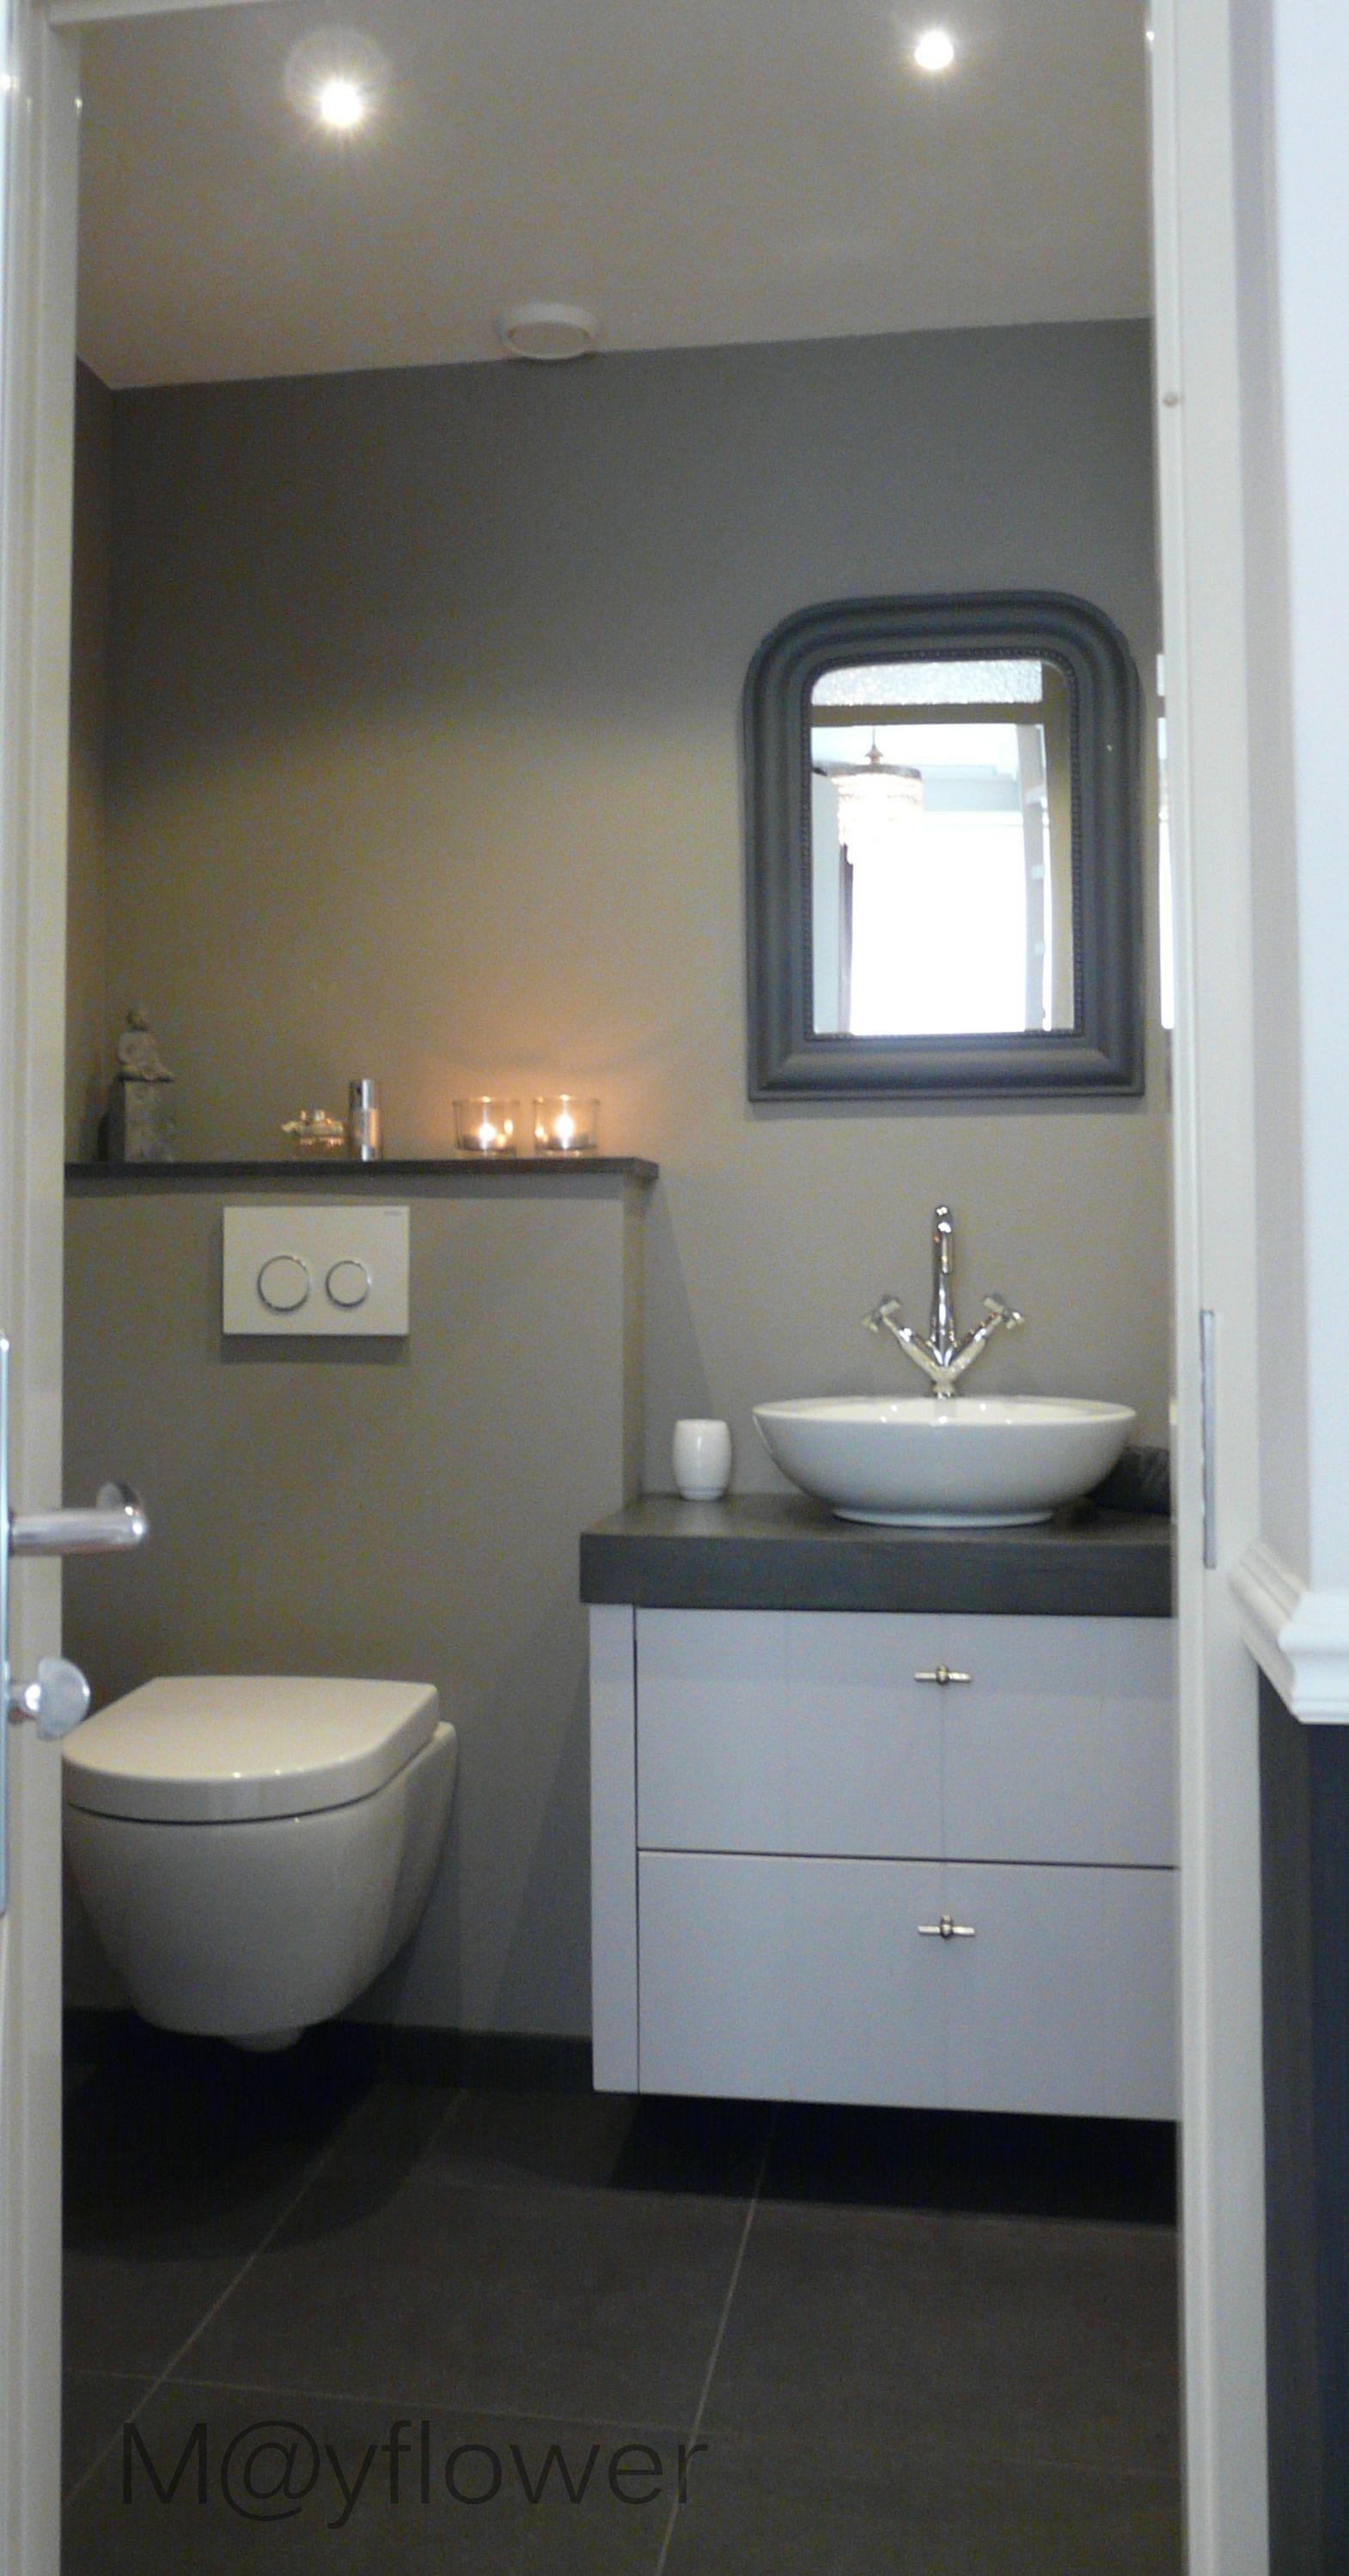 kleurencombinatie verschillende grijstinten en wit   Badkamer   Pinterest   Toilet, Bathroom